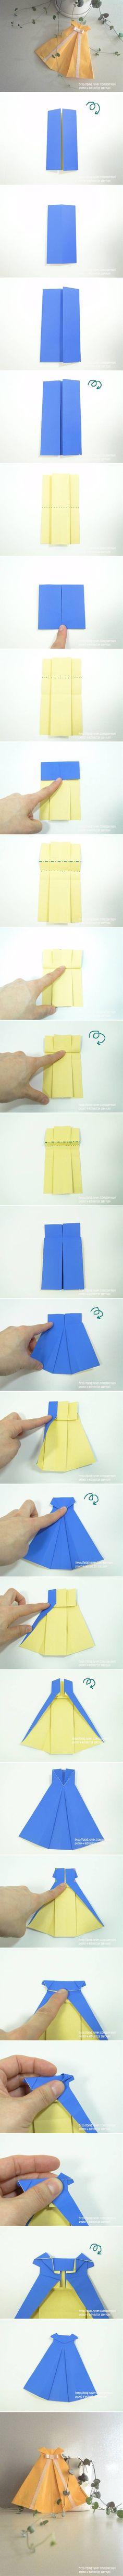 Cute Origami Dress                                                                                                                                                      More